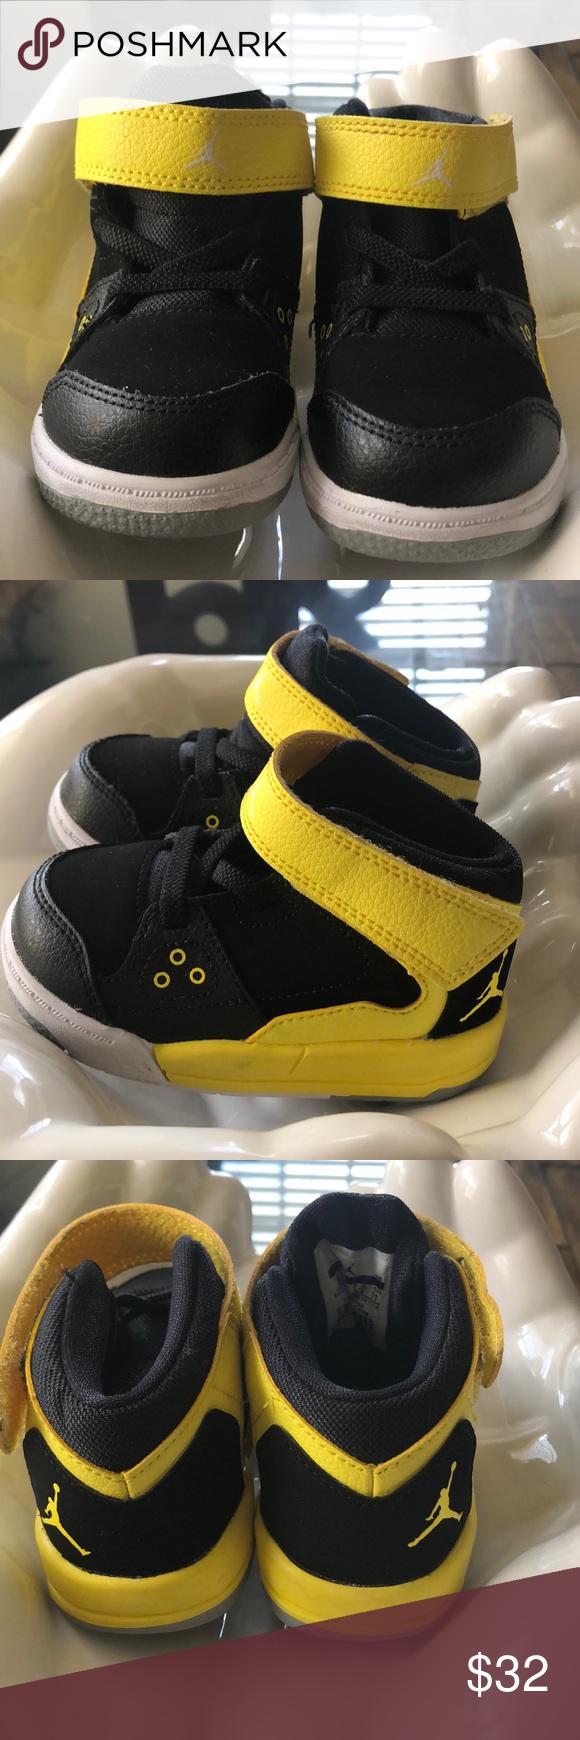 Black and yellow Jordan's baby sneakers